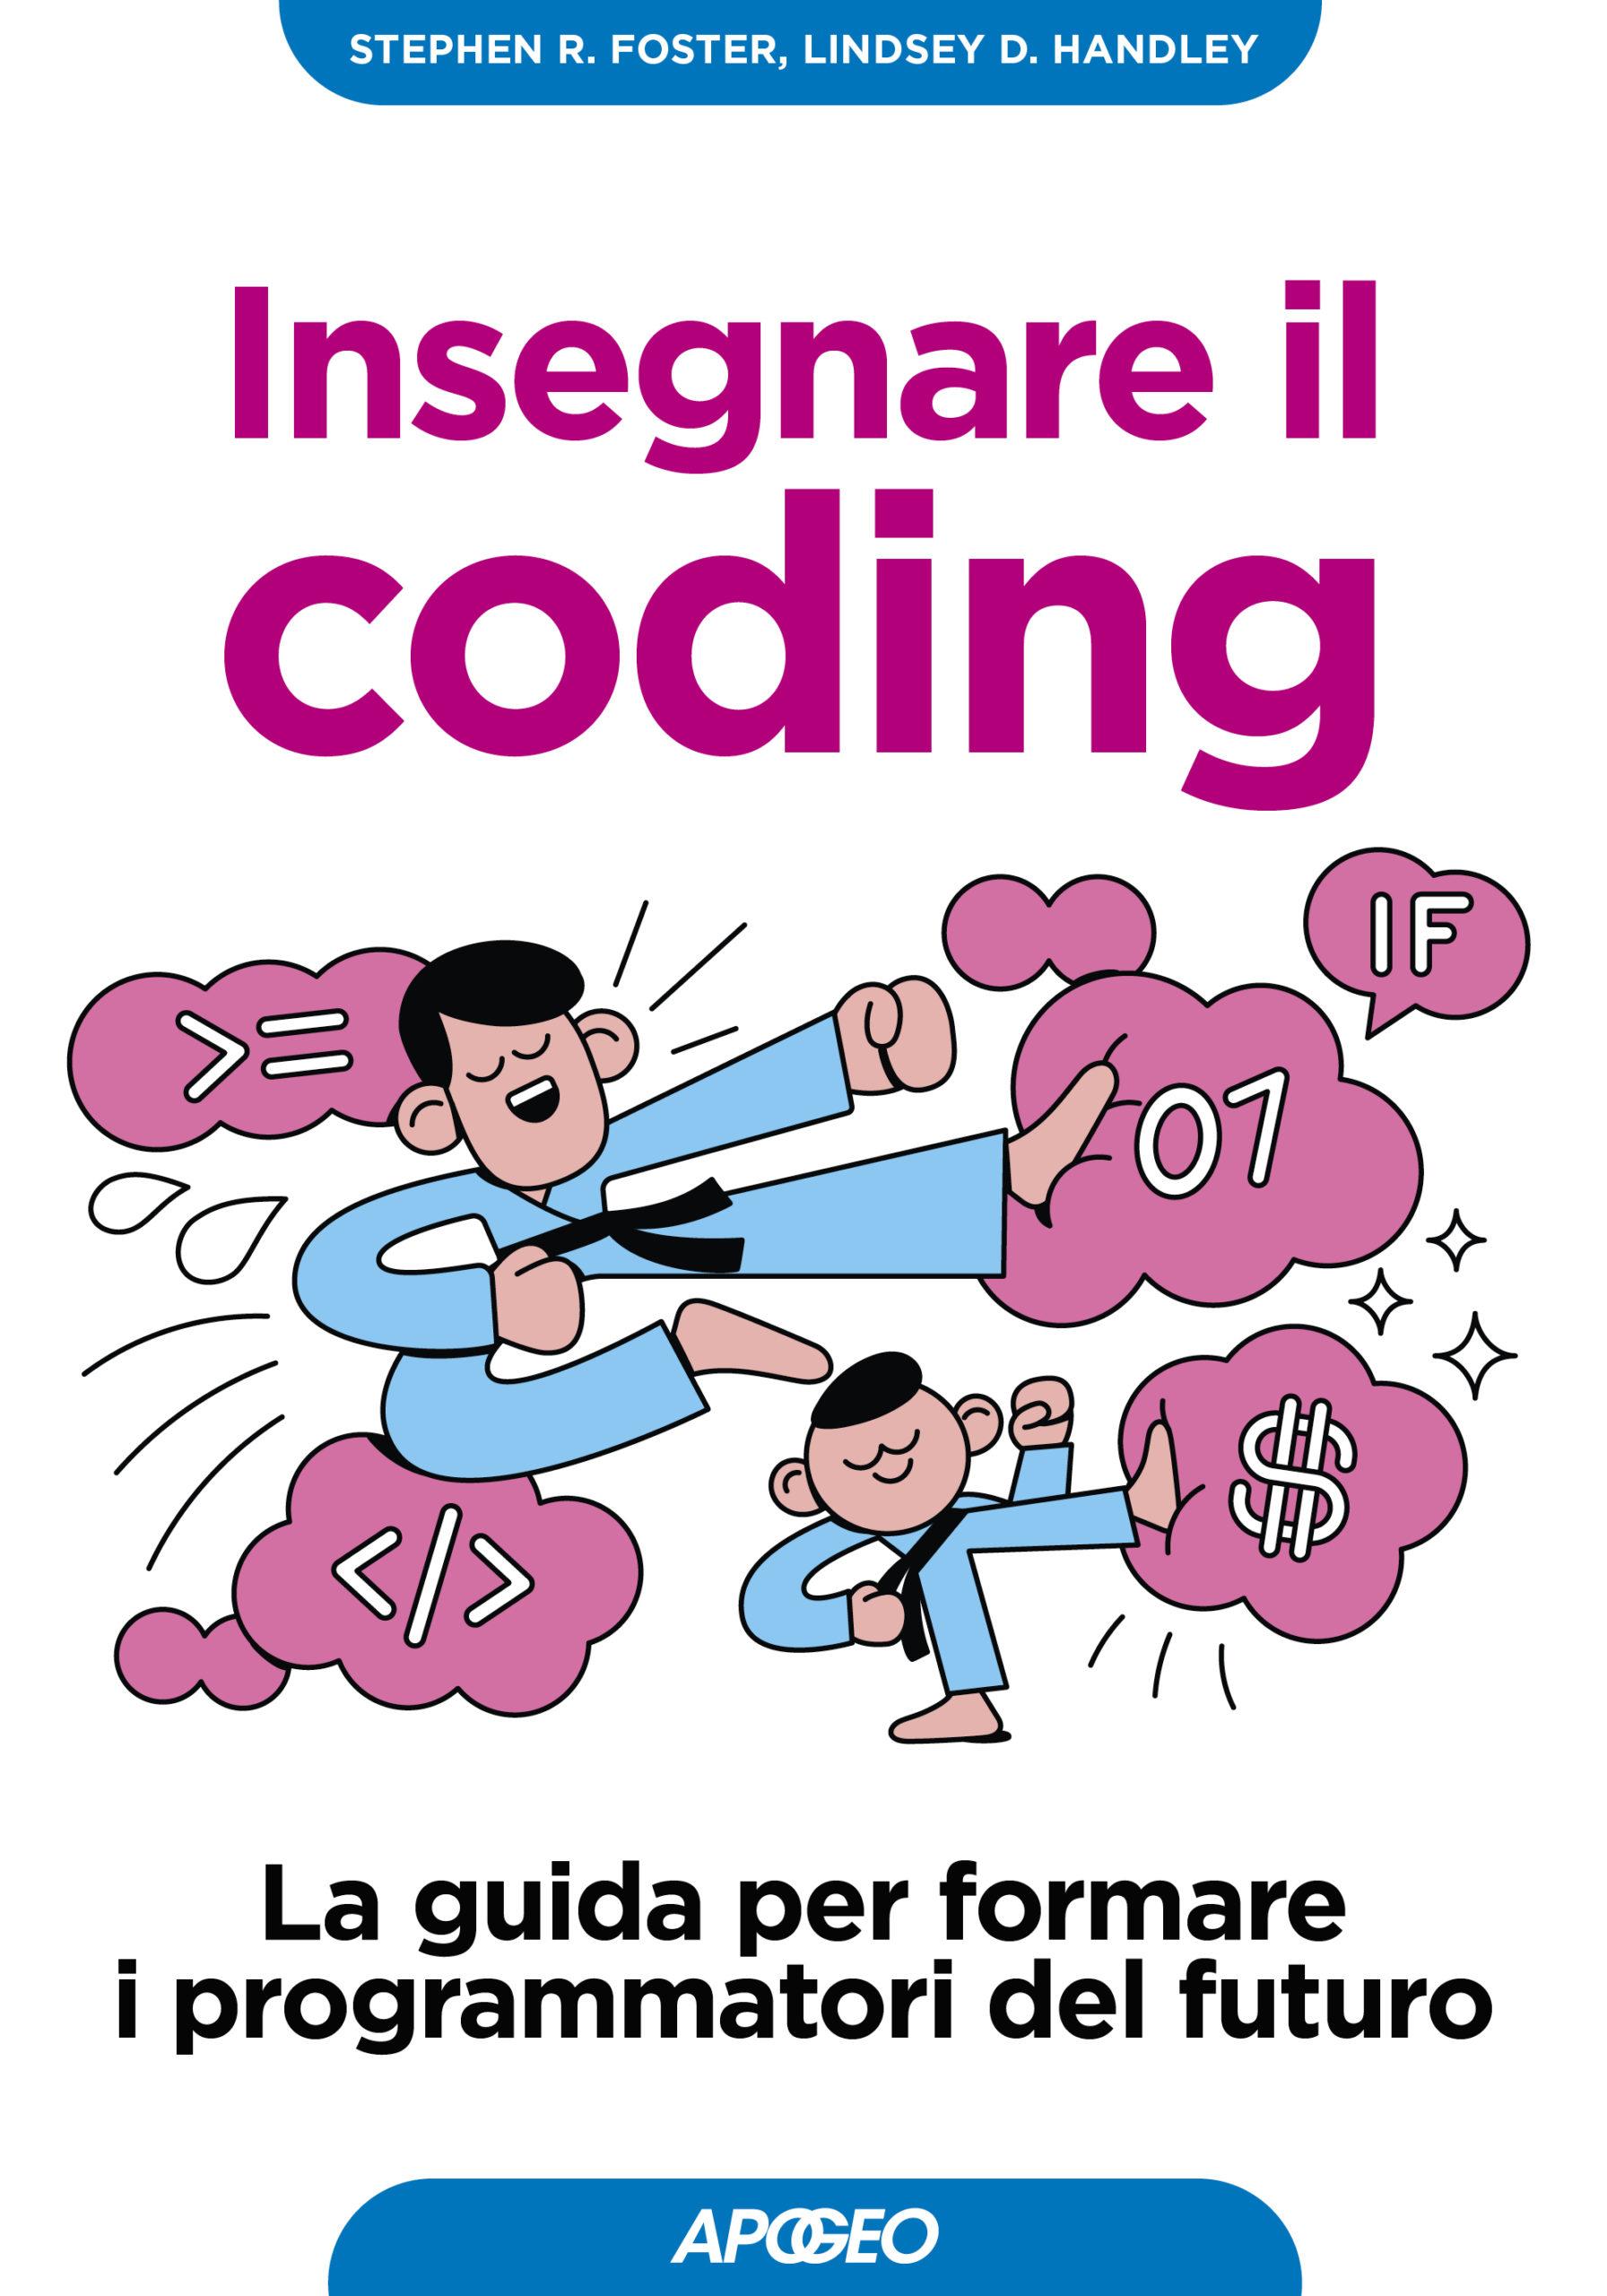 Insegnare il coding, di Stephen R. Foster e Lindsey D. Manley